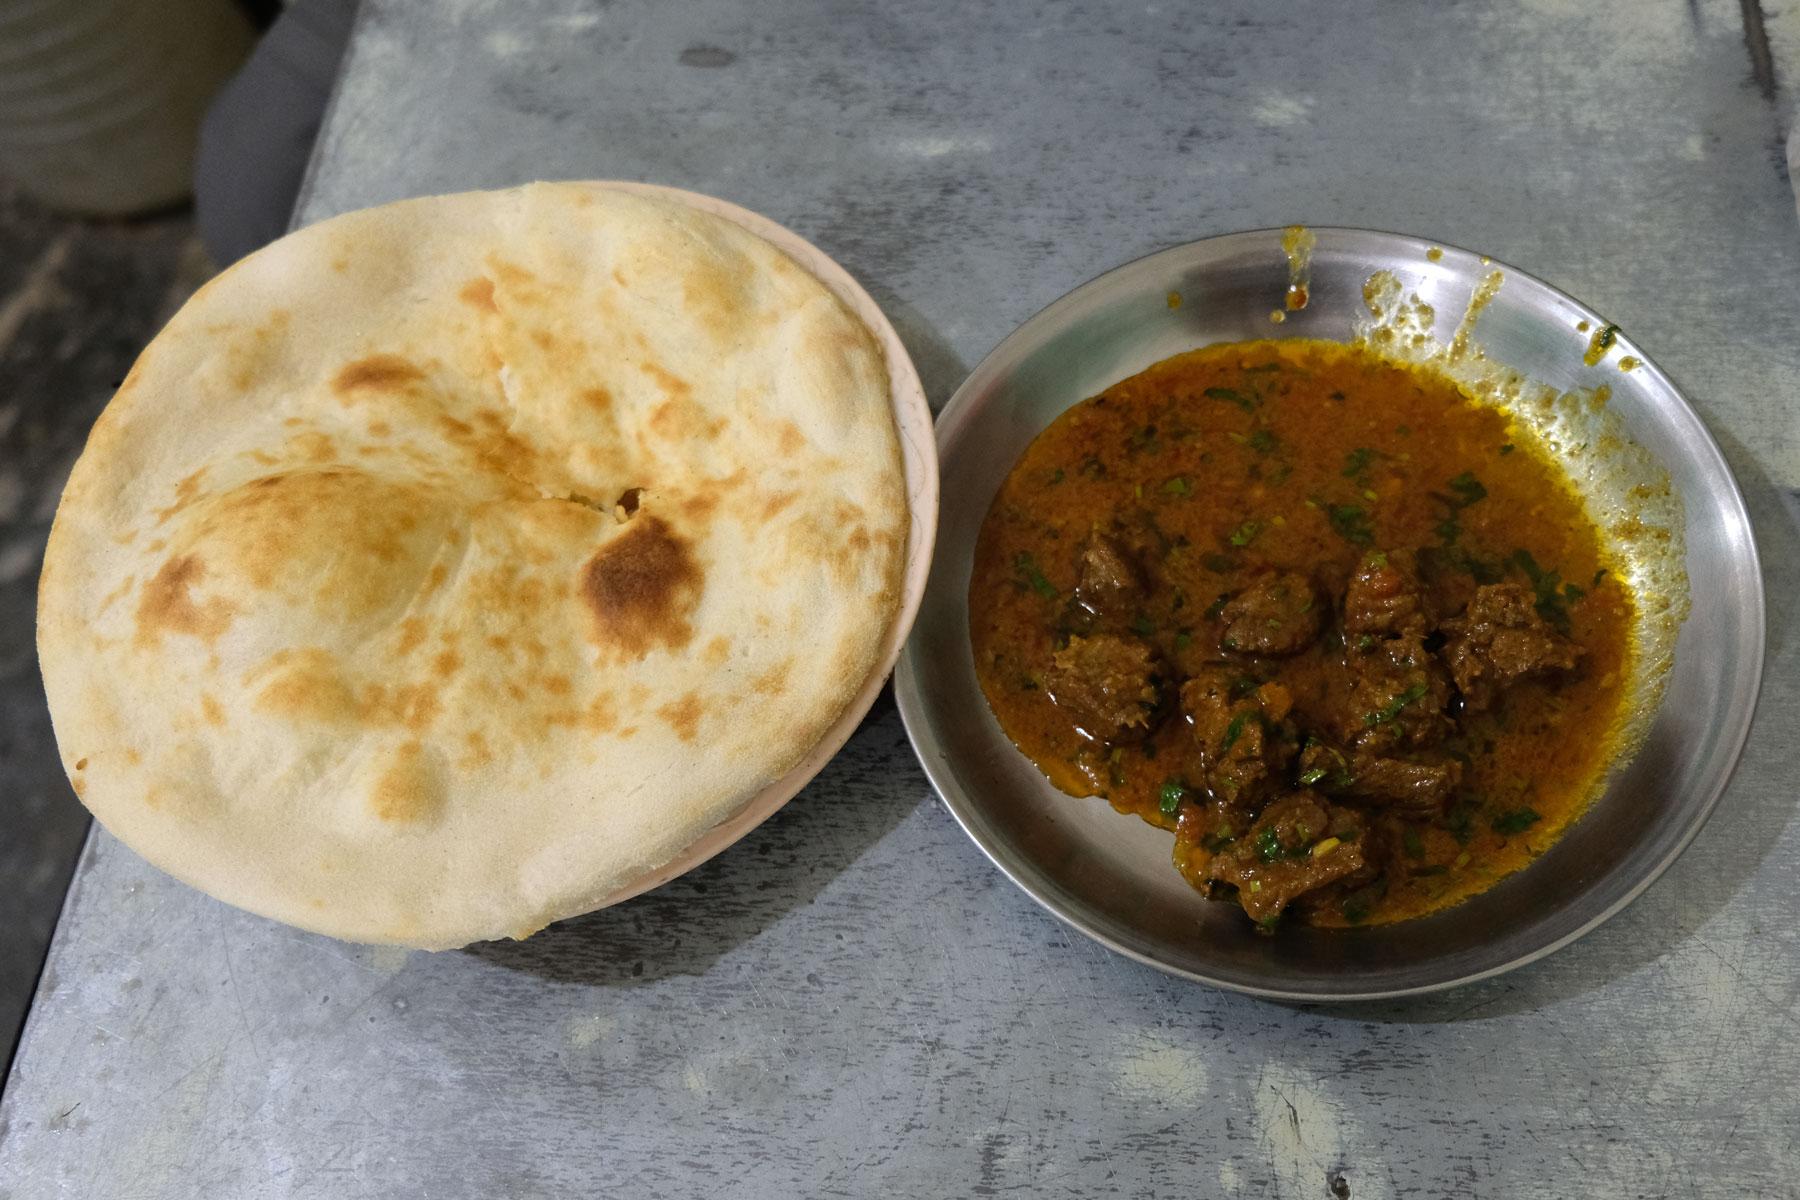 Fladenbrot und ein Rindfleischgericht in Sauce.